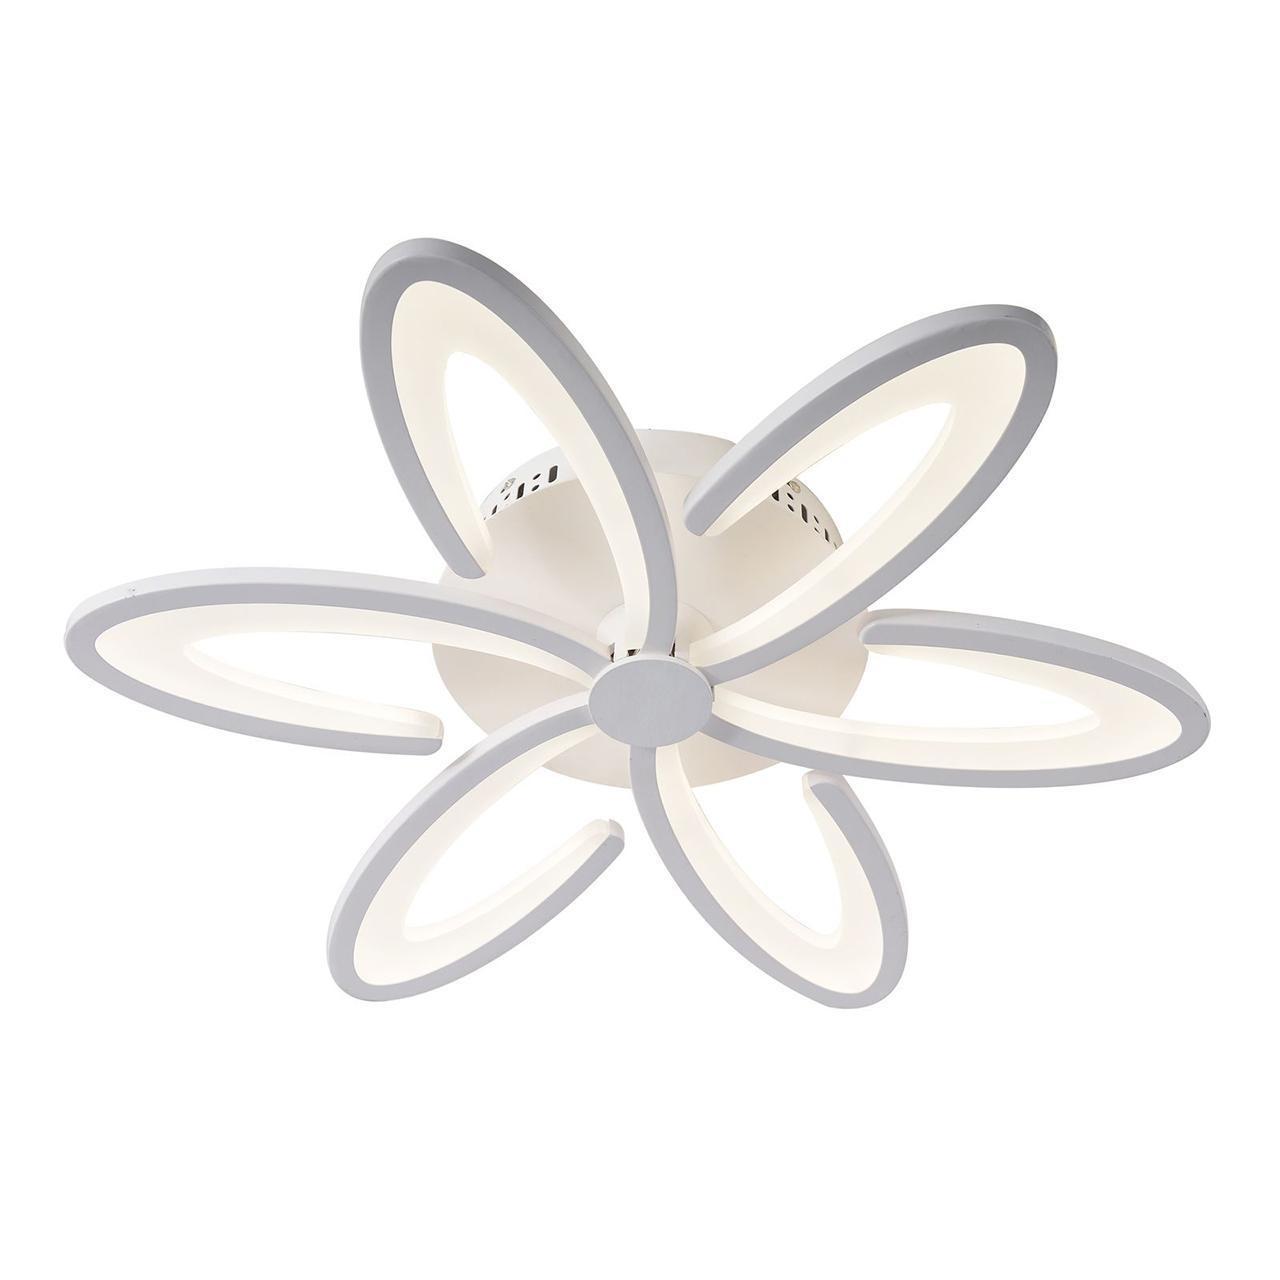 купить Потолочный светильник Omnilux OML-49307-60, белый по цене 16580 рублей